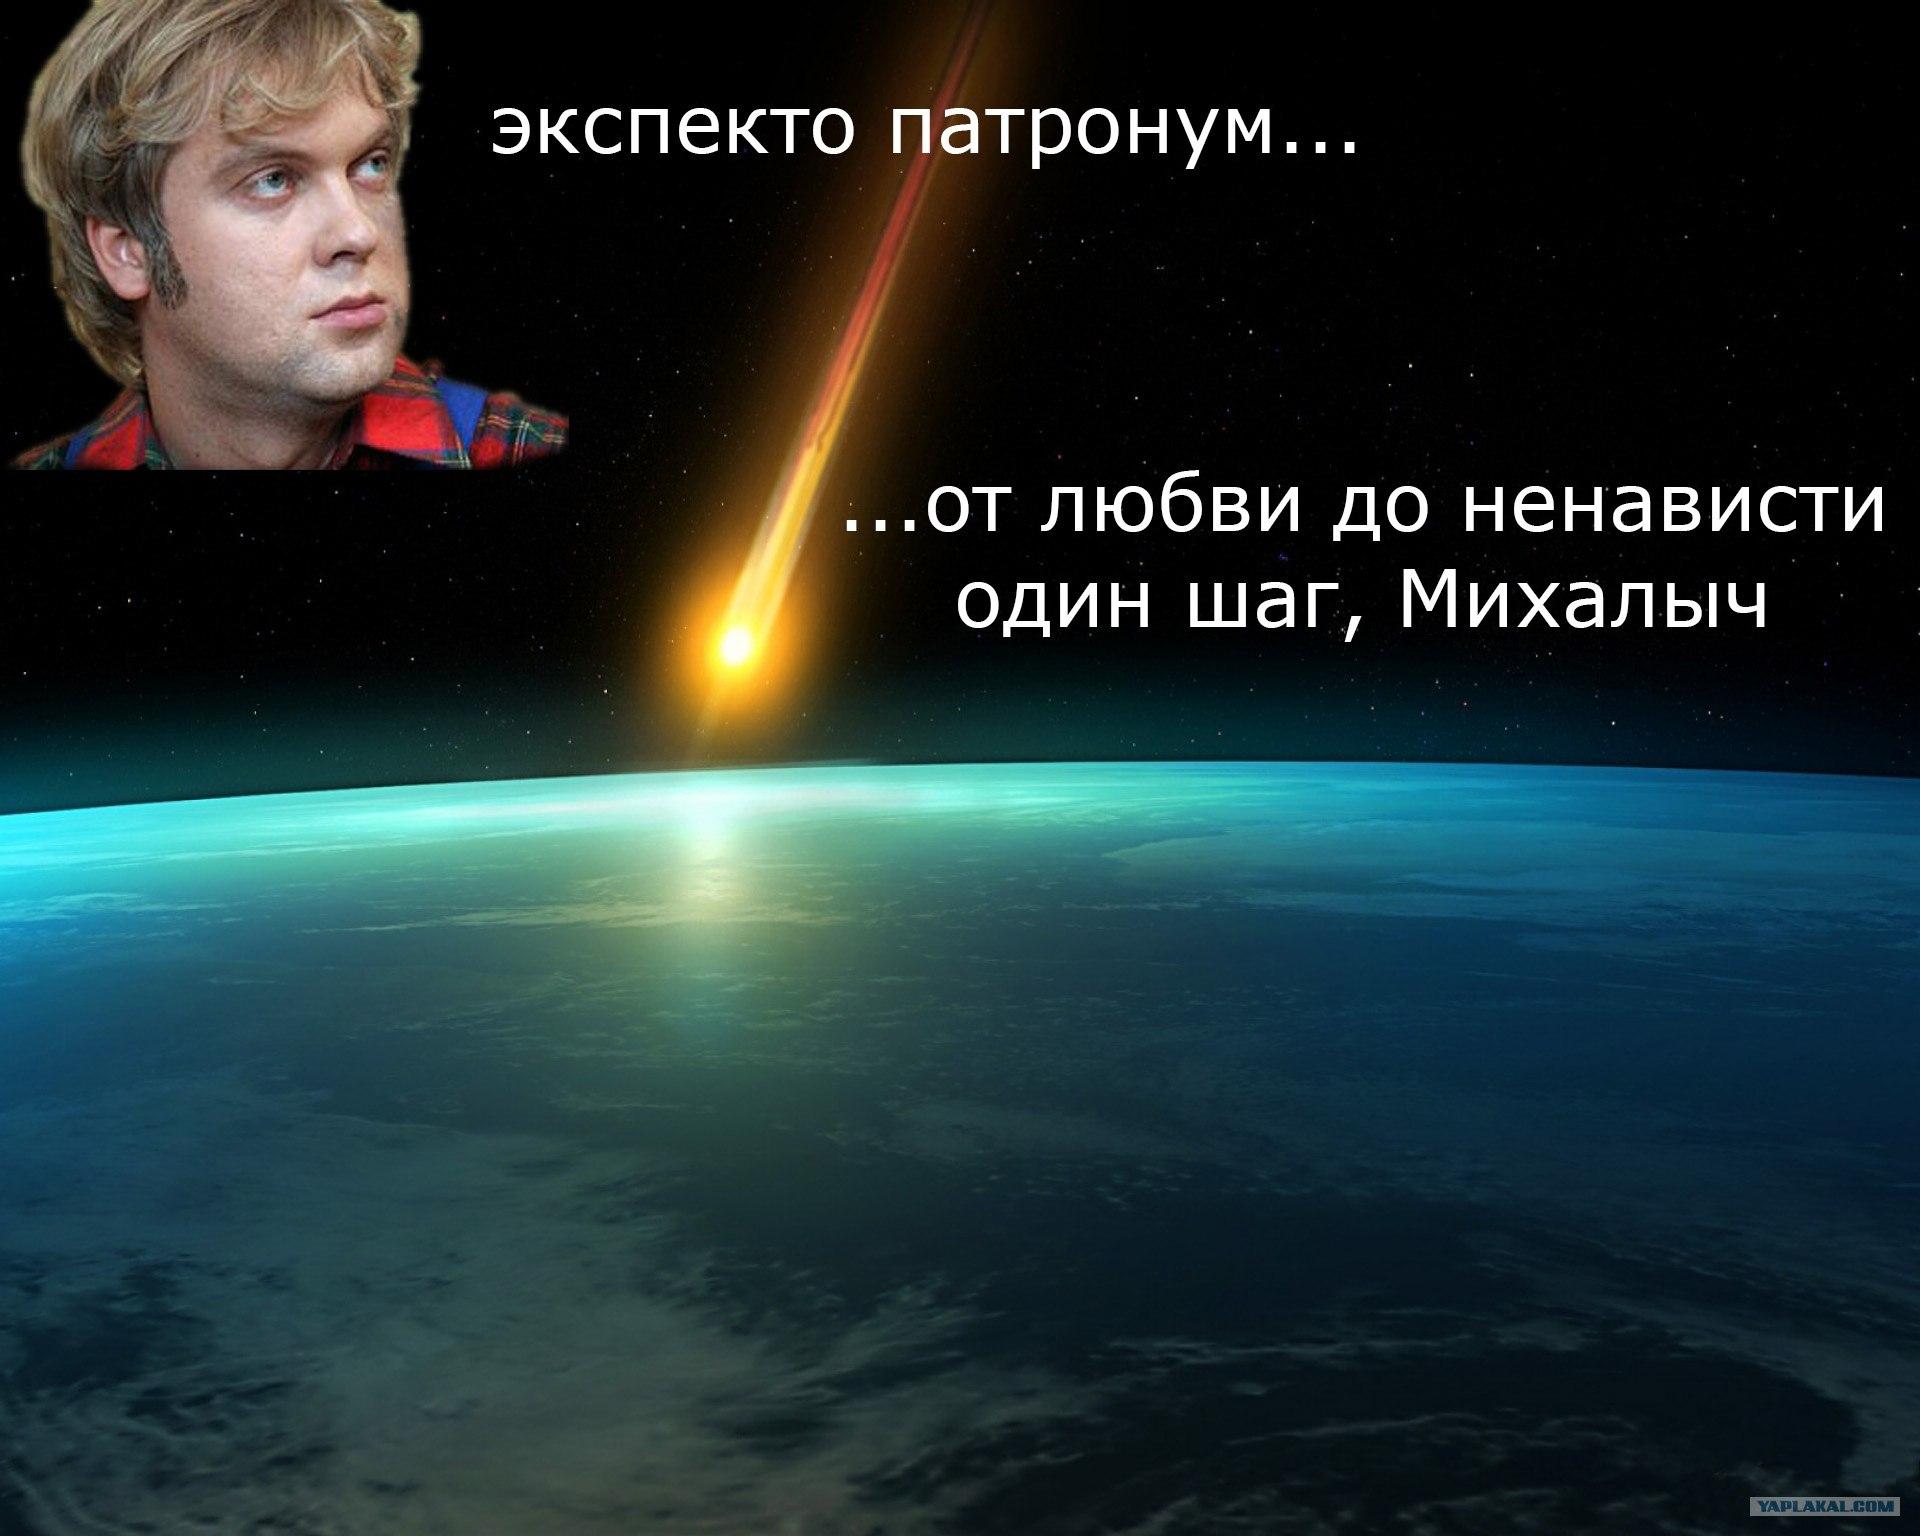 смешные картинки про челябинский метеорит маркет это виртуальный